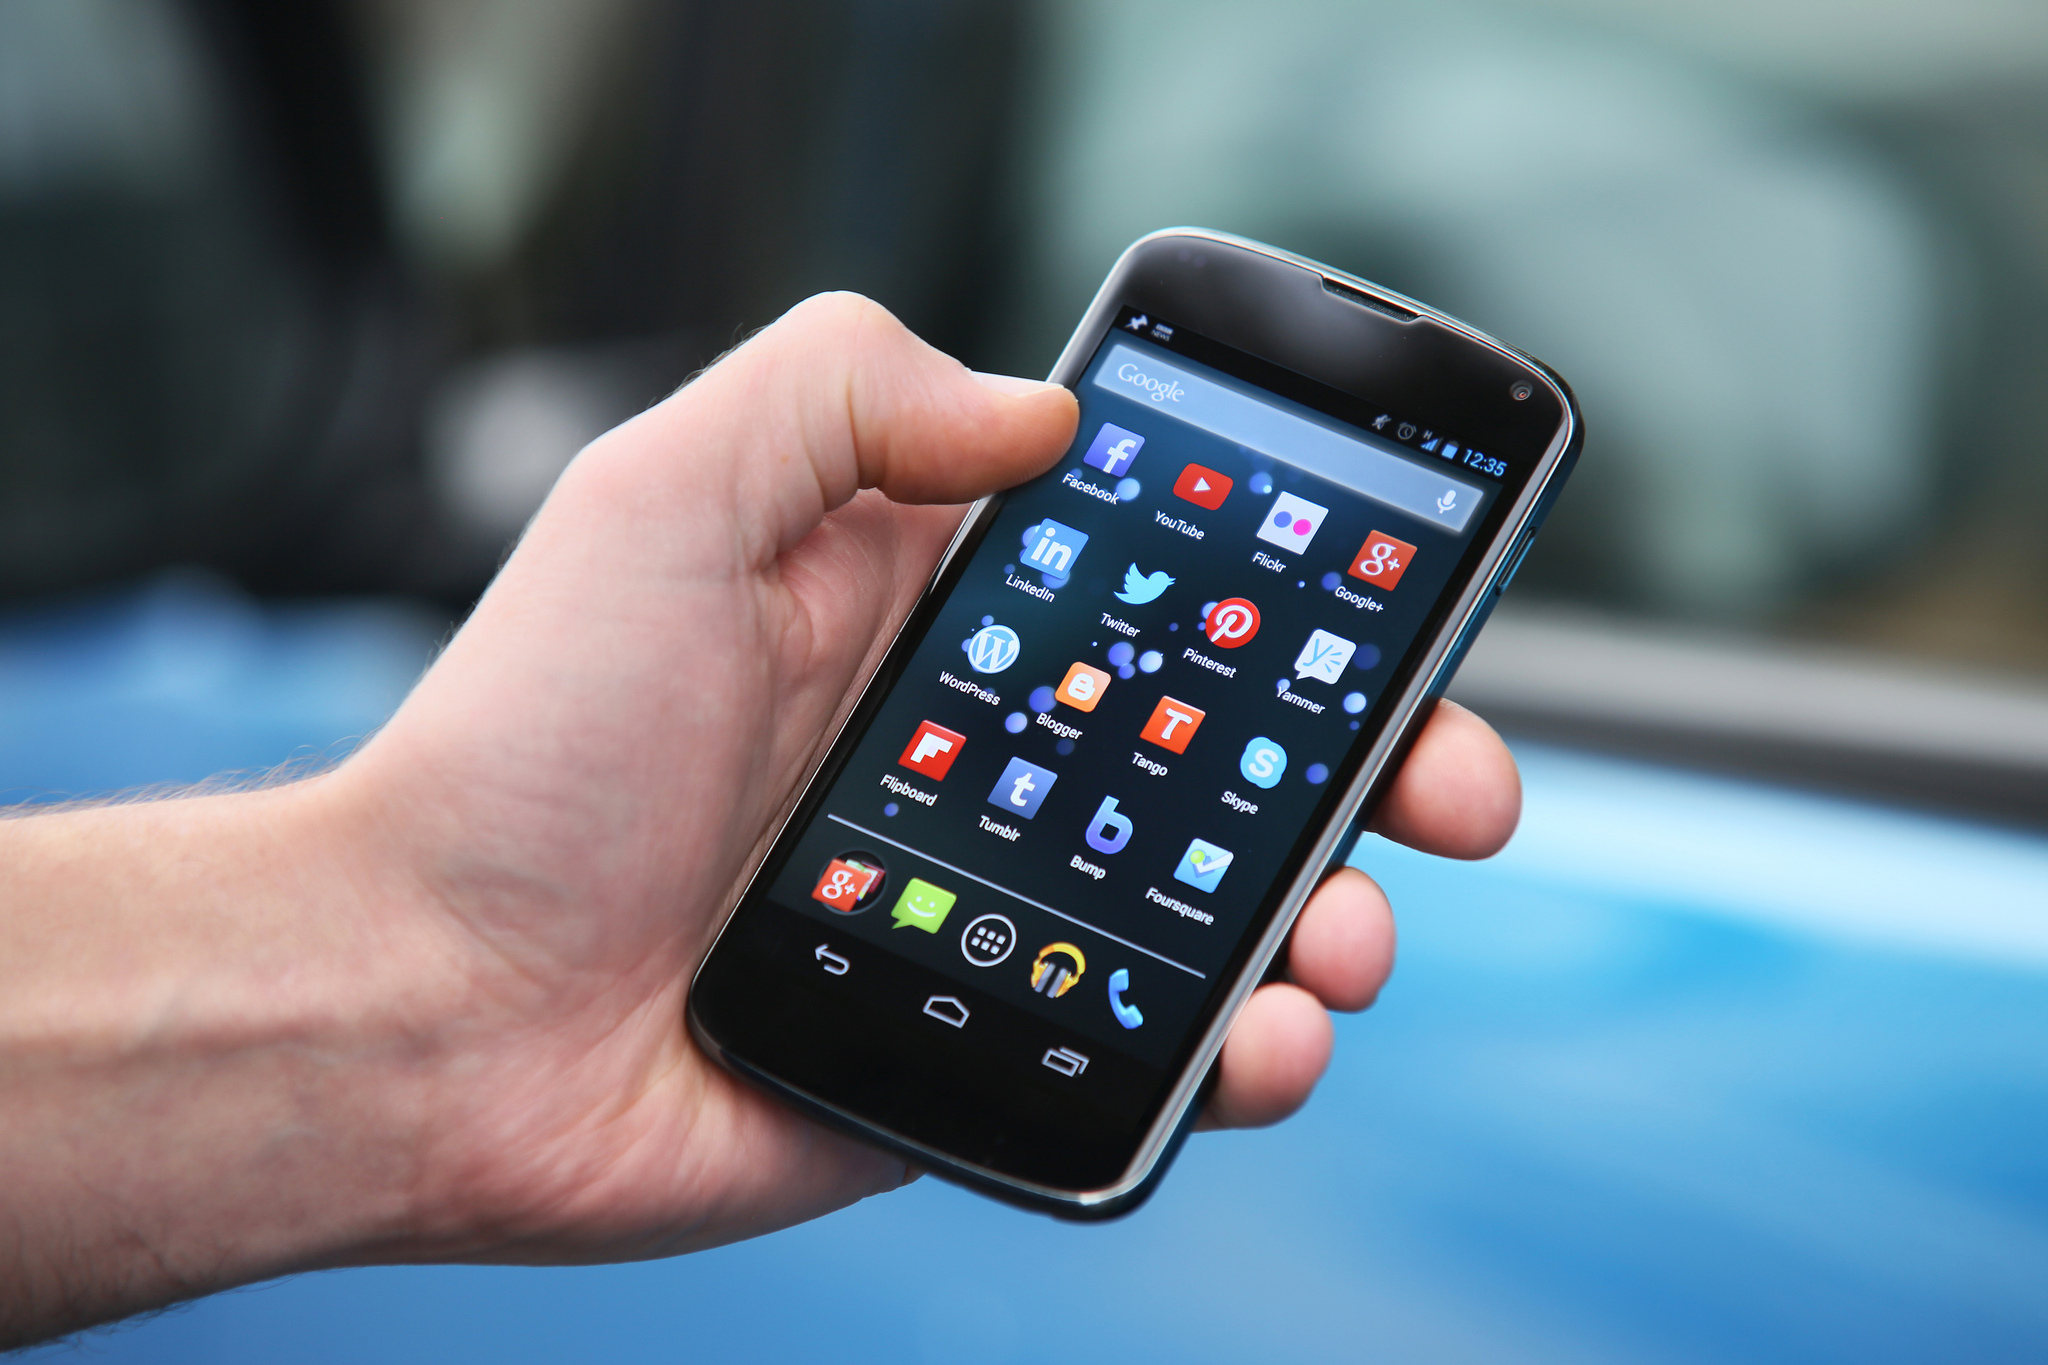 AUKEY-le-specialiste-des-accessoires-pour-smartphones.jpg